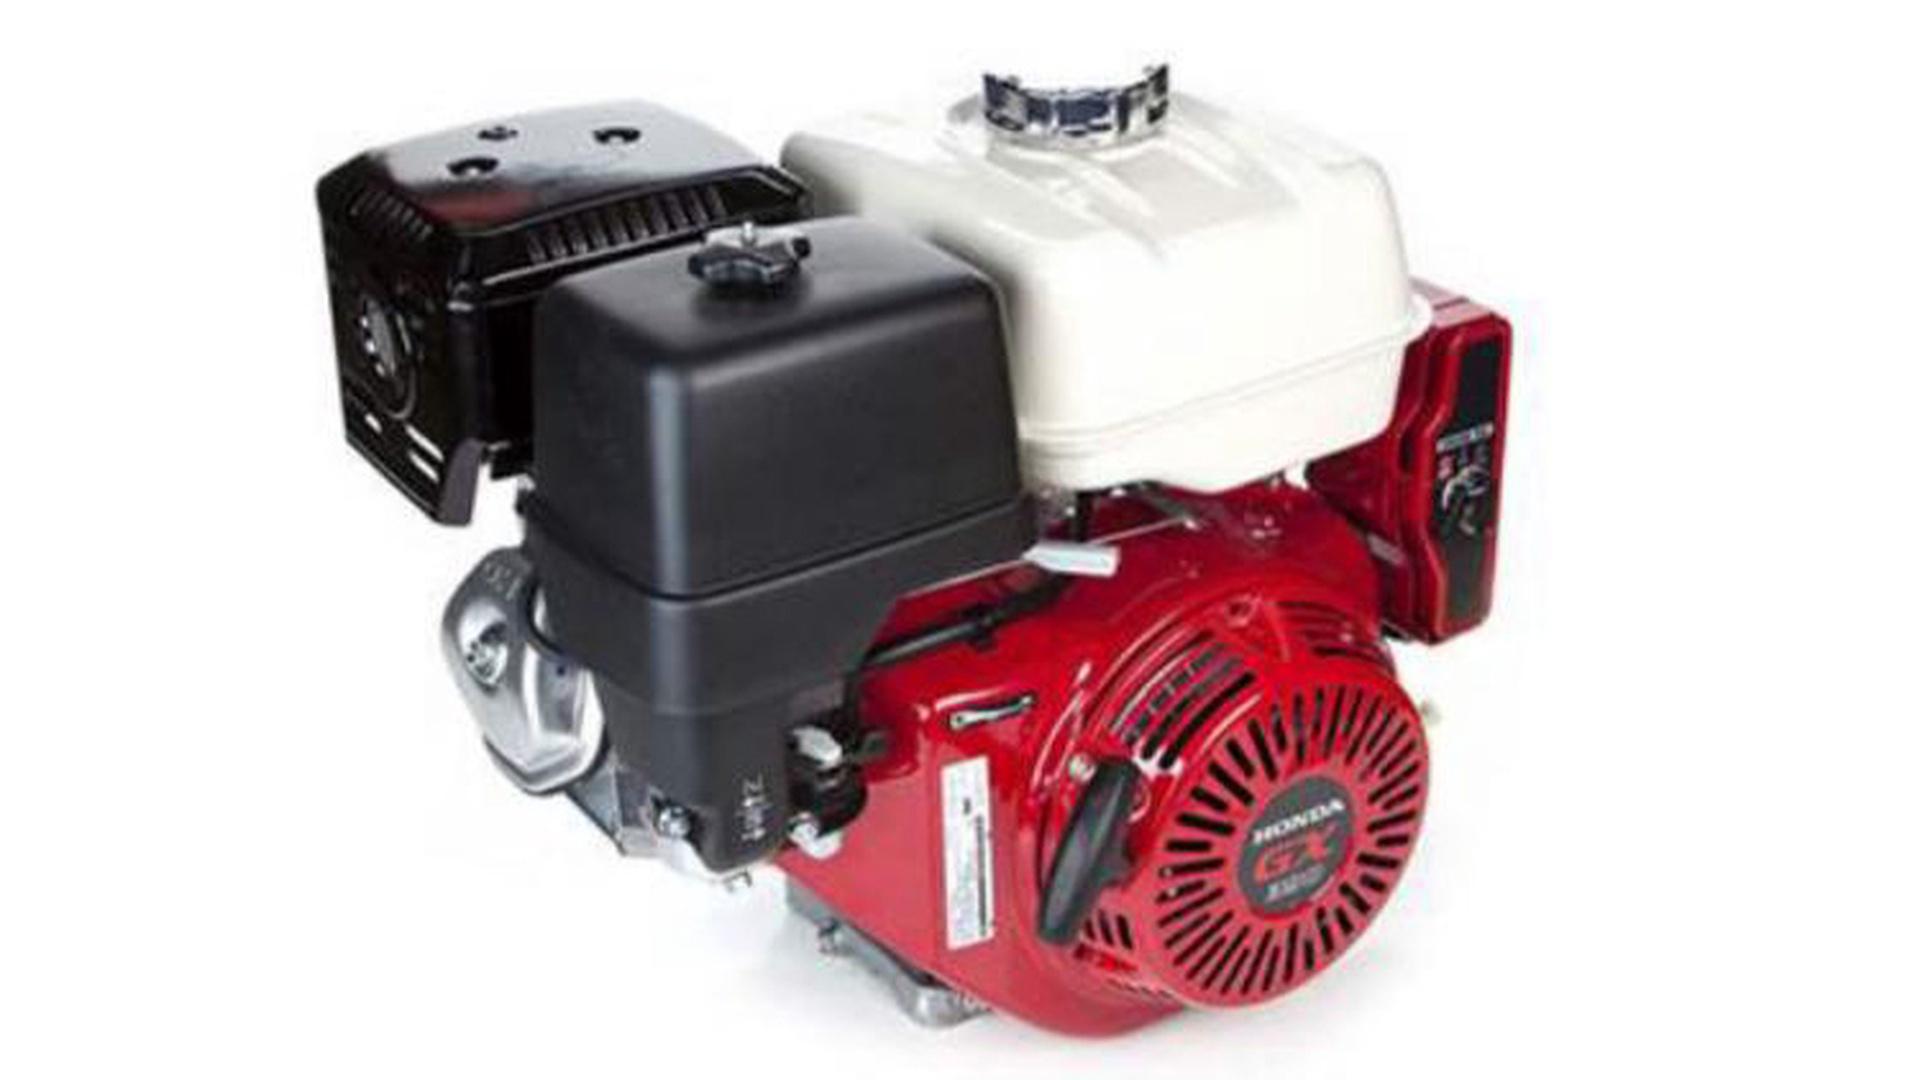 سمپاش 100 لیتری چهار چرخ فرغونی با موتور هوندا چین و پیستونی 45 مدل 21951